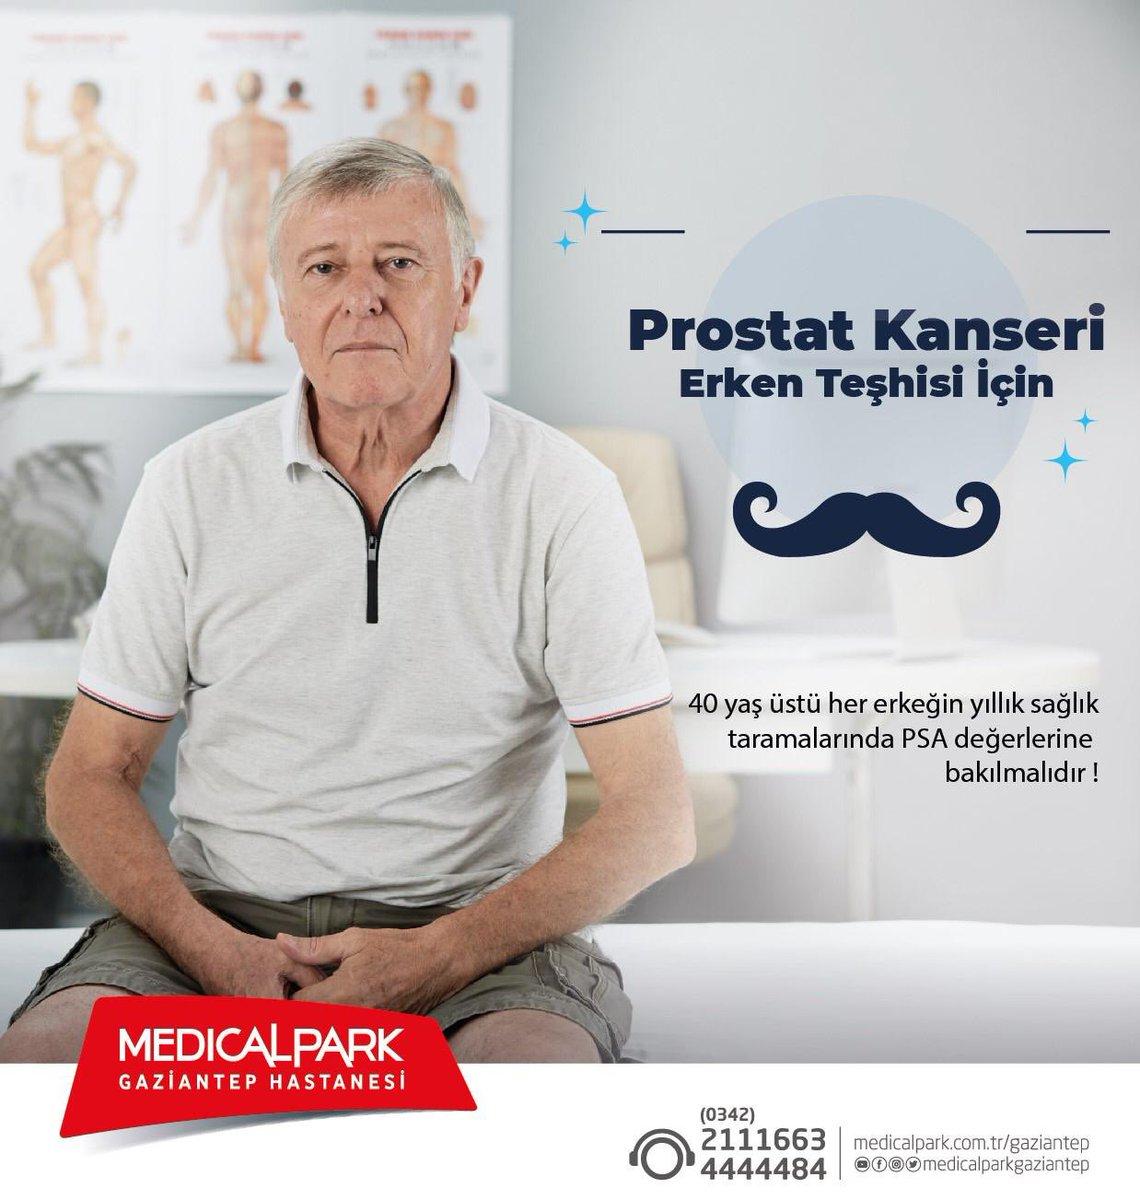 Prostat Kanserinin Erken Teşhisi İçin Geç Kalmayın. Üroloji polikliniğinden bilgi ve randevu almak için 0342 211 16 63 veya 444 44 84 numaralı çağrı merkezimizi arayabilirsiniz. #prostatkanseri #erkenteşhis #üroloji #herkesiçinsağlık #medicalparkgazianteppic.twitter.com/k0BcZP1xJ5